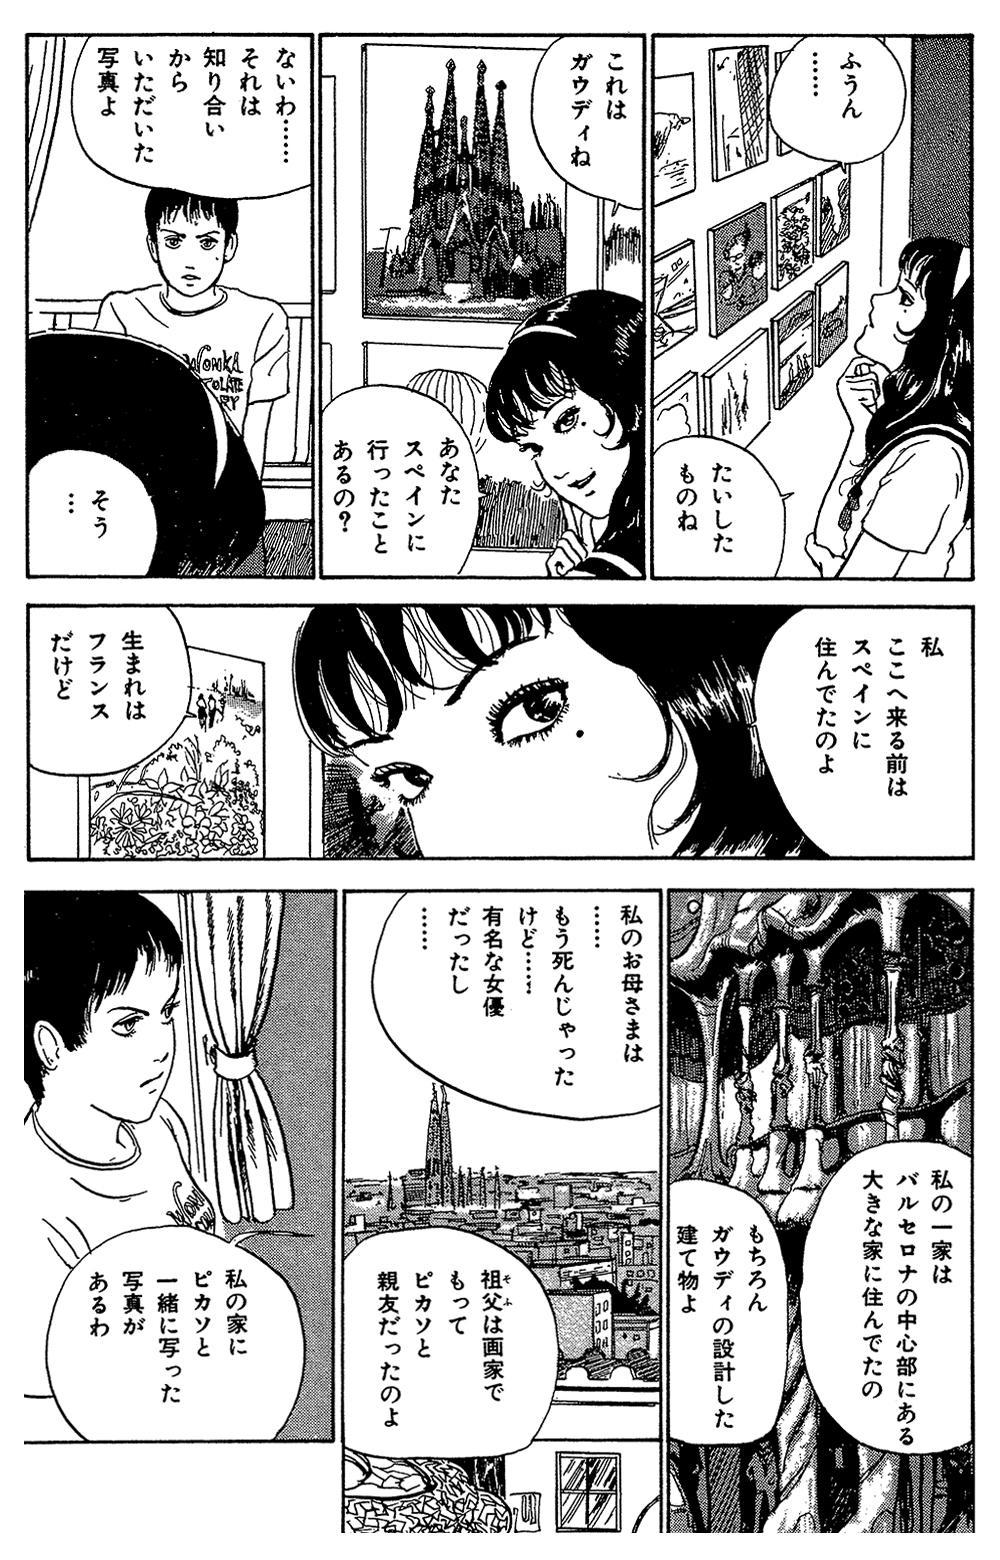 伊藤潤二傑作集 第4話「富江 写真」④jjunji13-06.jpg